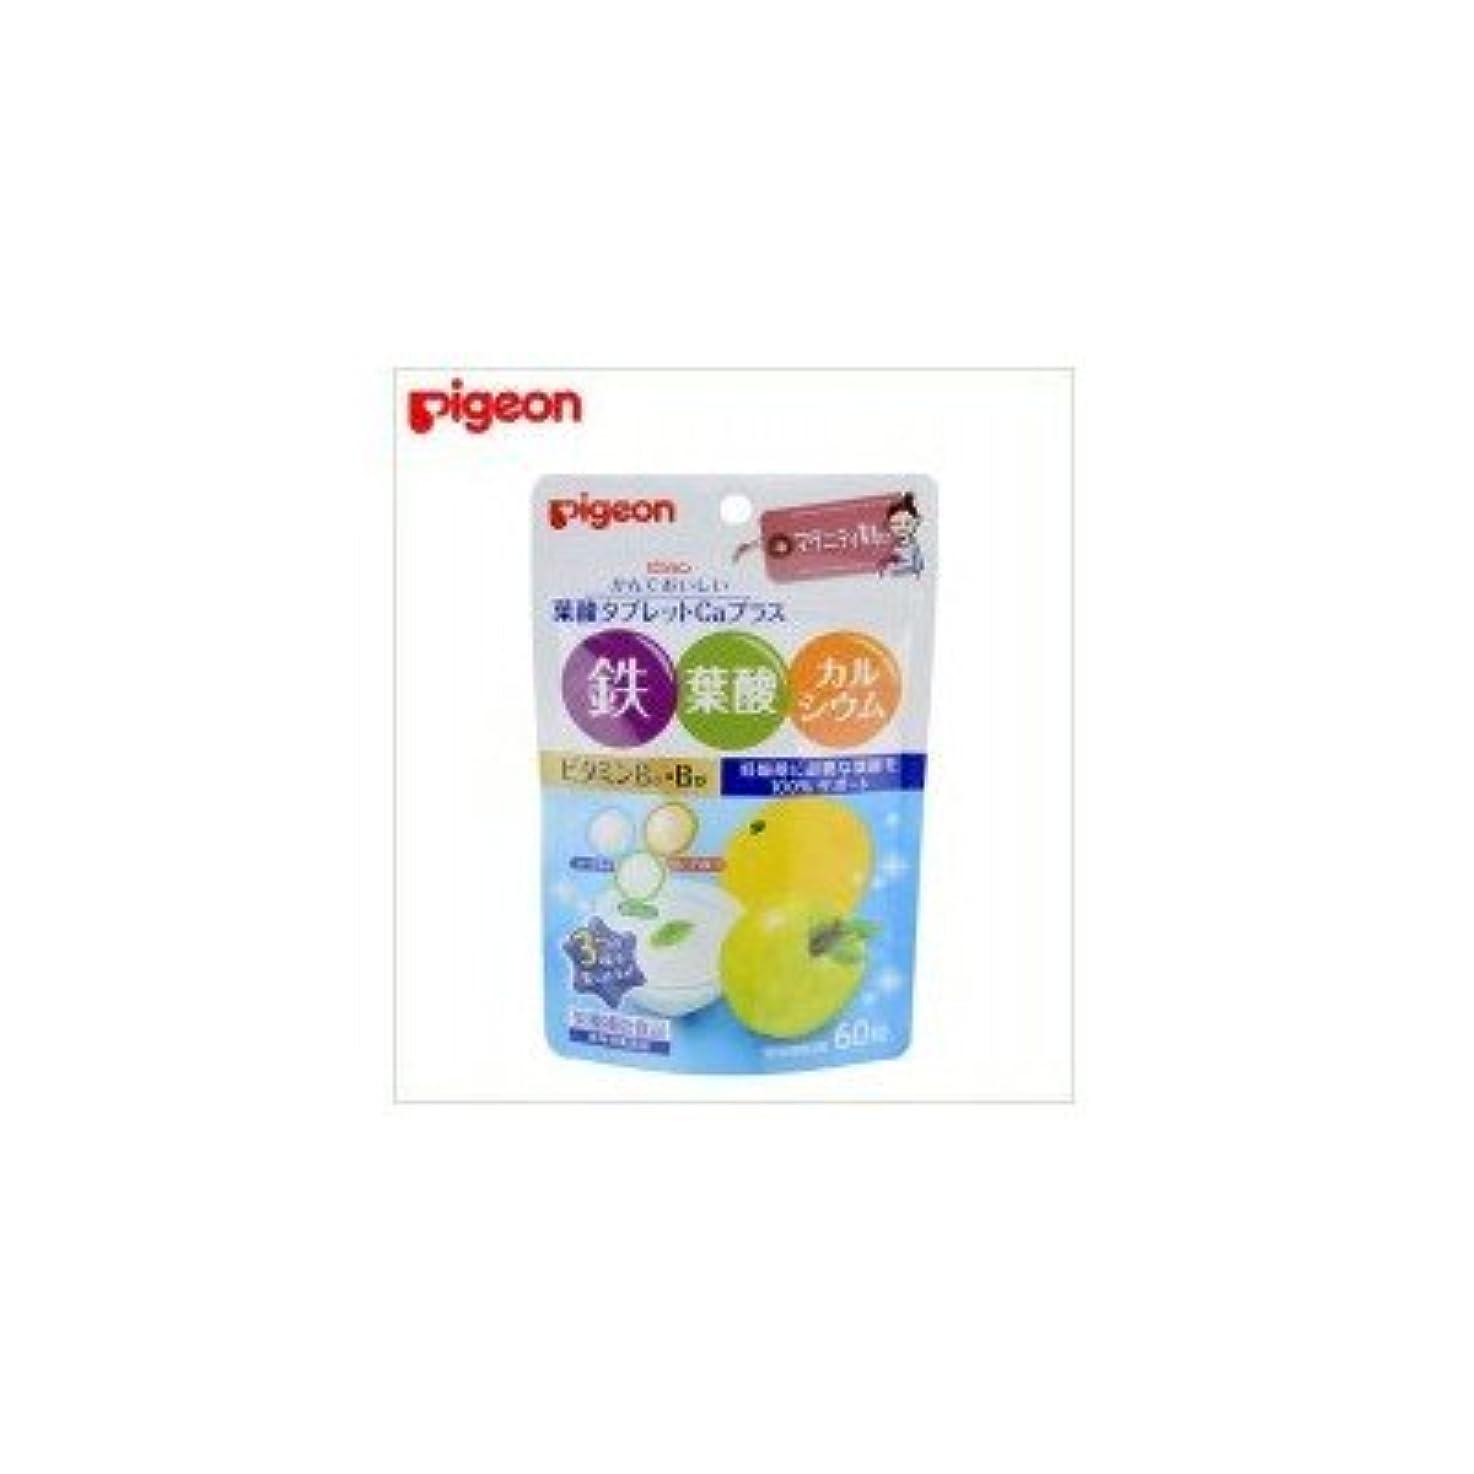 吸い込む約設定核Pigeon(ピジョン) サプリメント 栄養補助食品 かんでおいしい葉酸タブレット Caプラス 60粒 20446